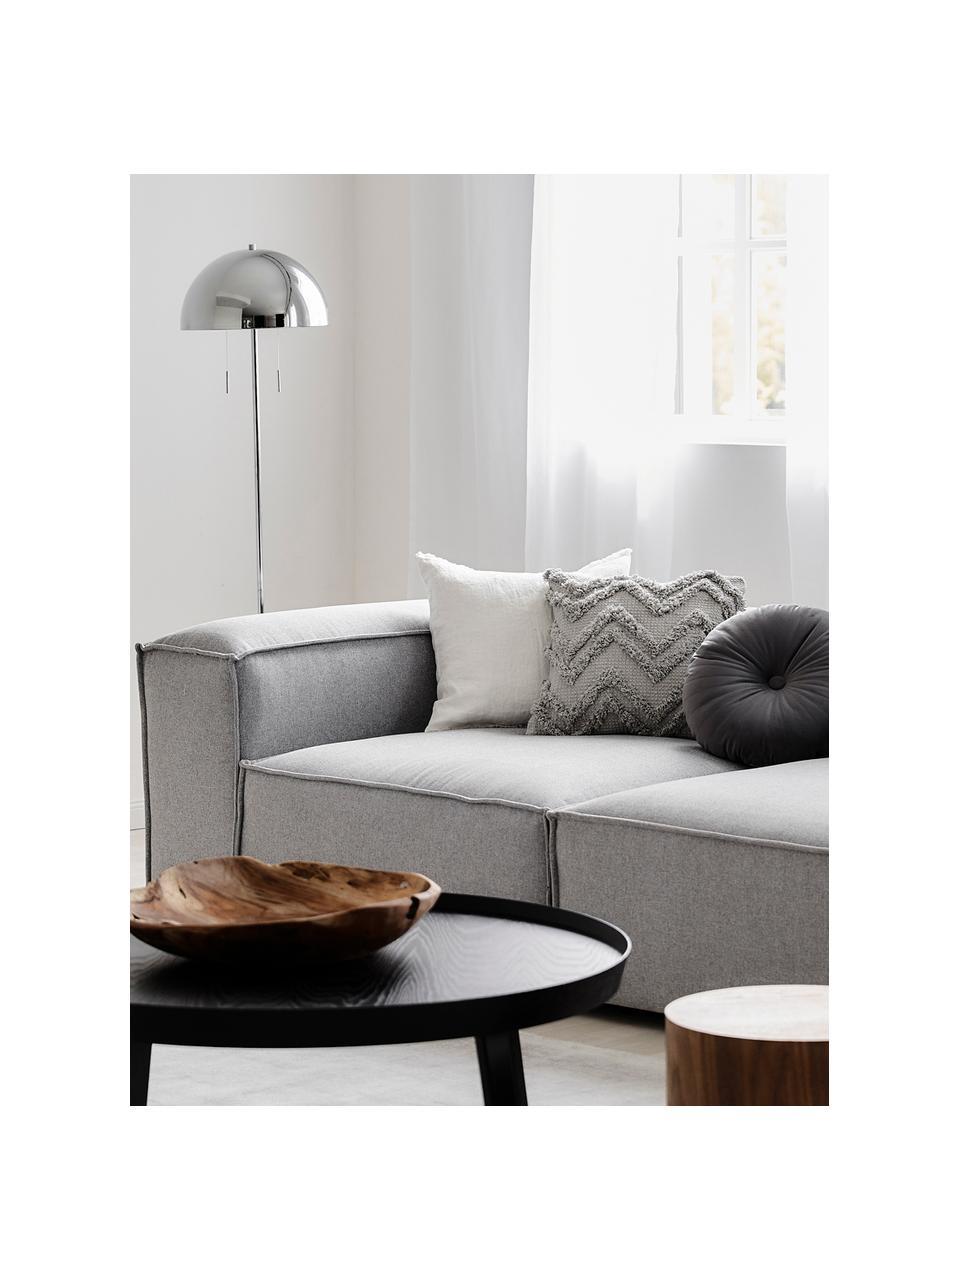 Cuscino in velluto effetto lucido con imbottitura Monet, Rivestimento: 100% velluto di poliester, Grigio scuro, Ø 40